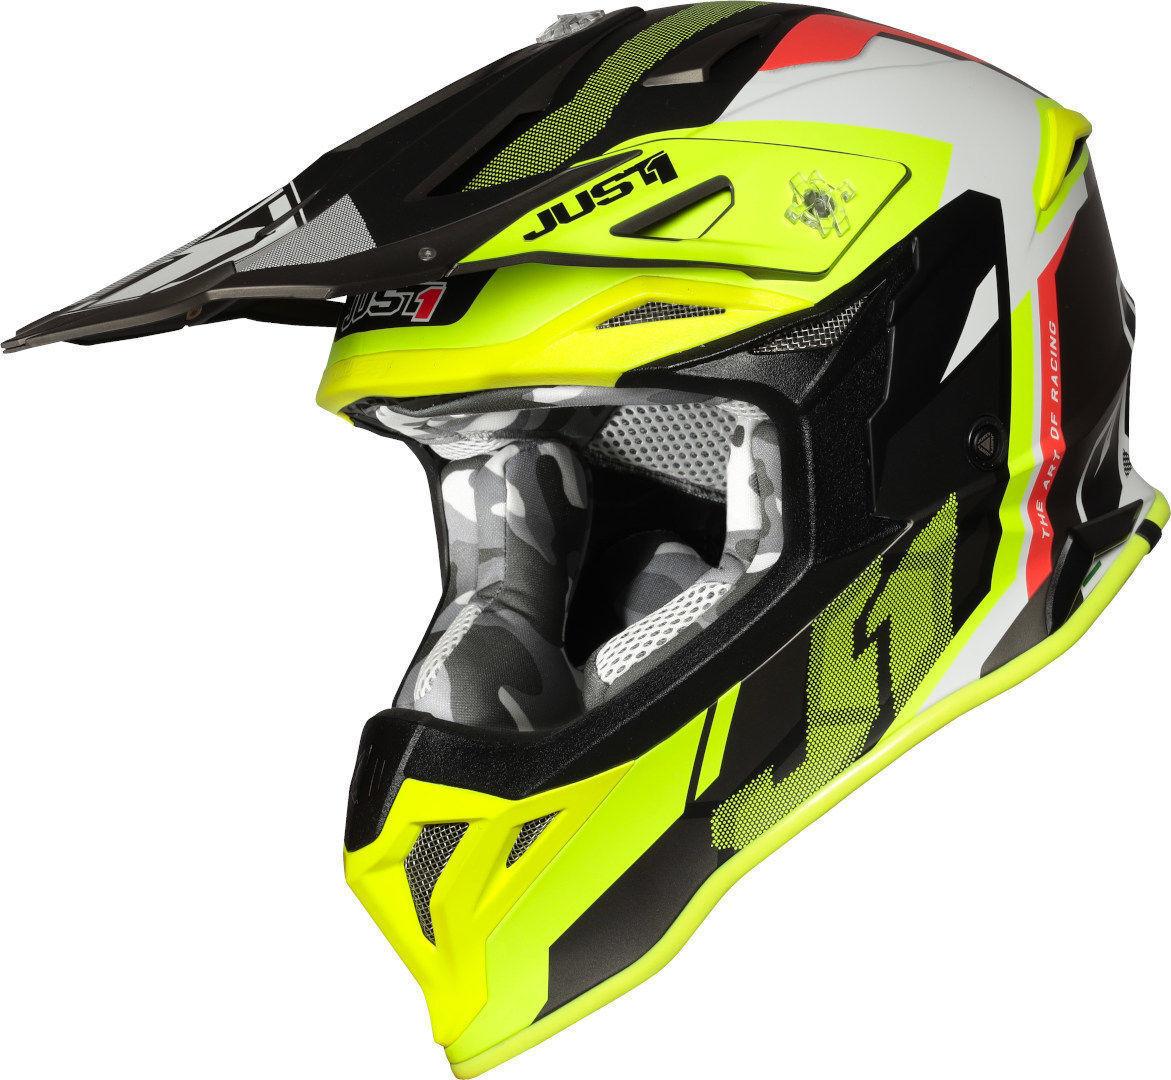 Just1 J39 Reactor Motocross kypärä  - Musta Punainen Keltainen - Size: L